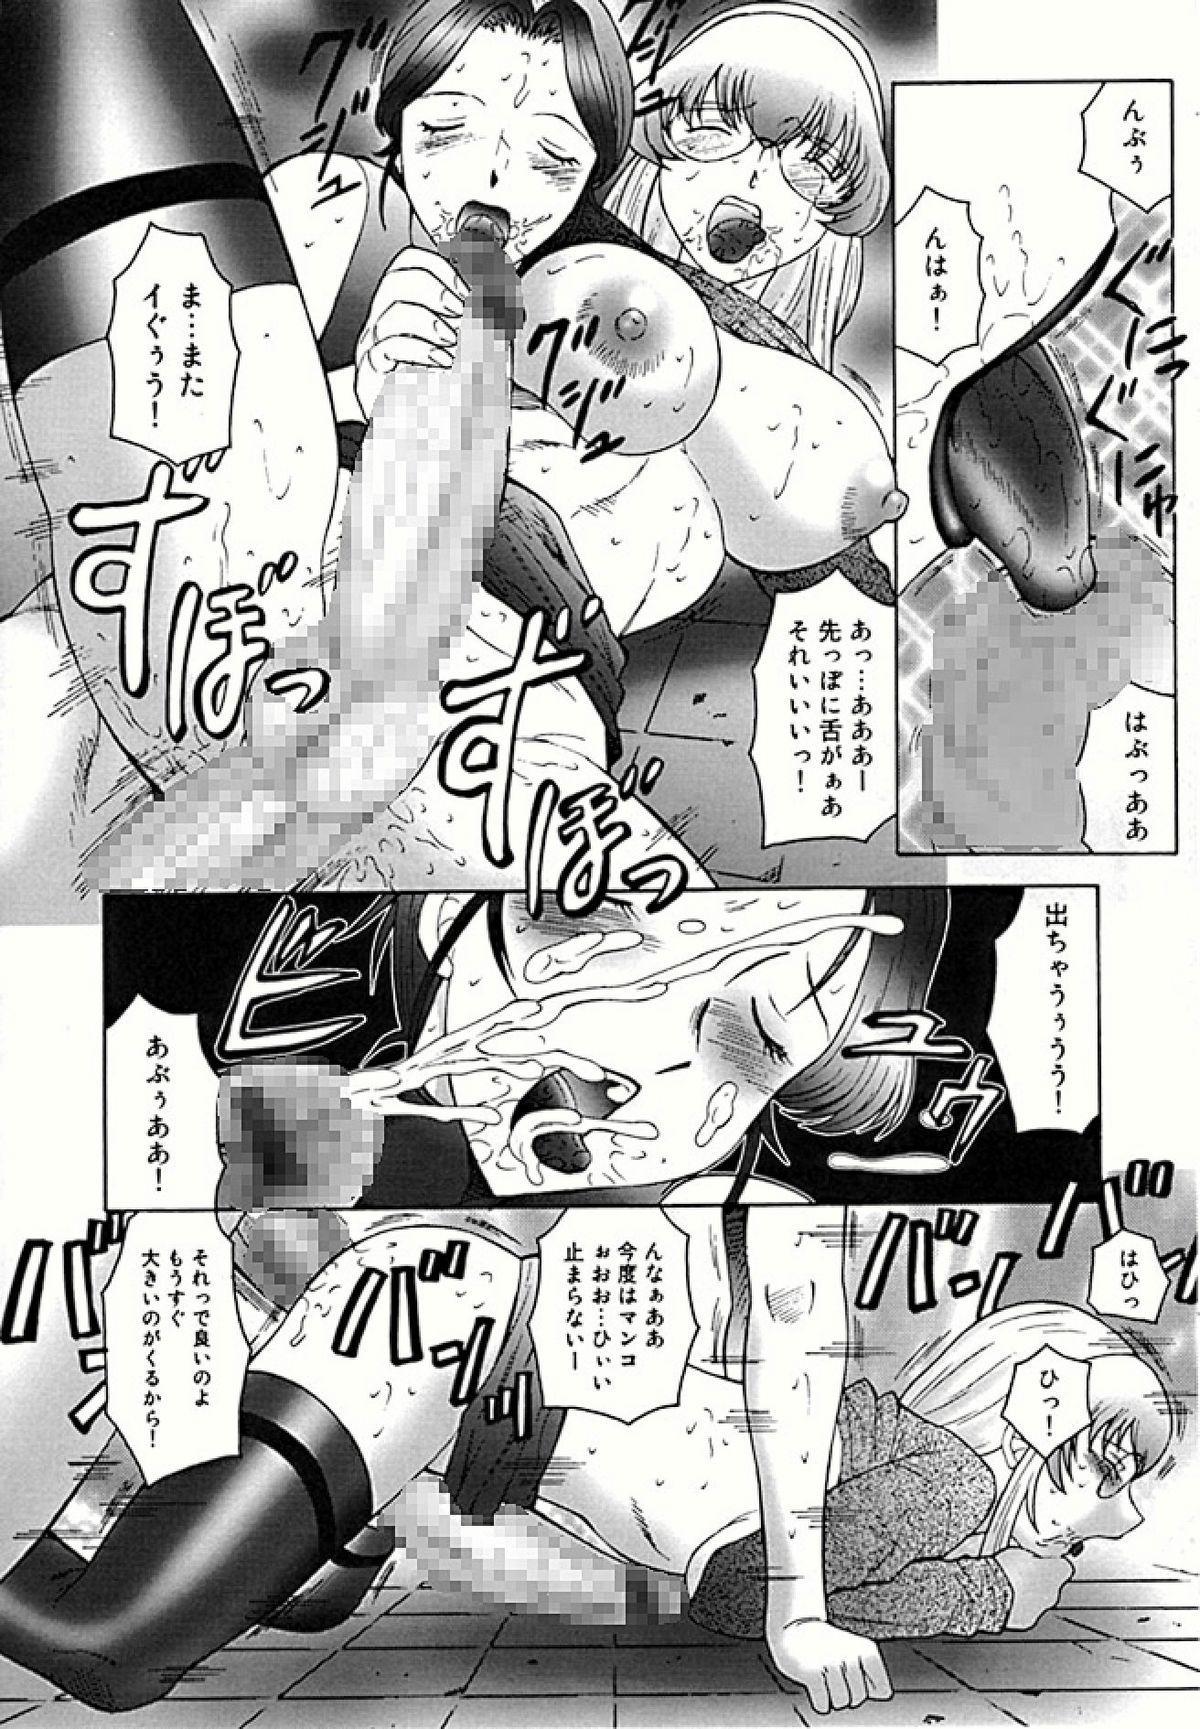 Futagami - Futanari Onna Kyoushi Zecchou Hiroku 29